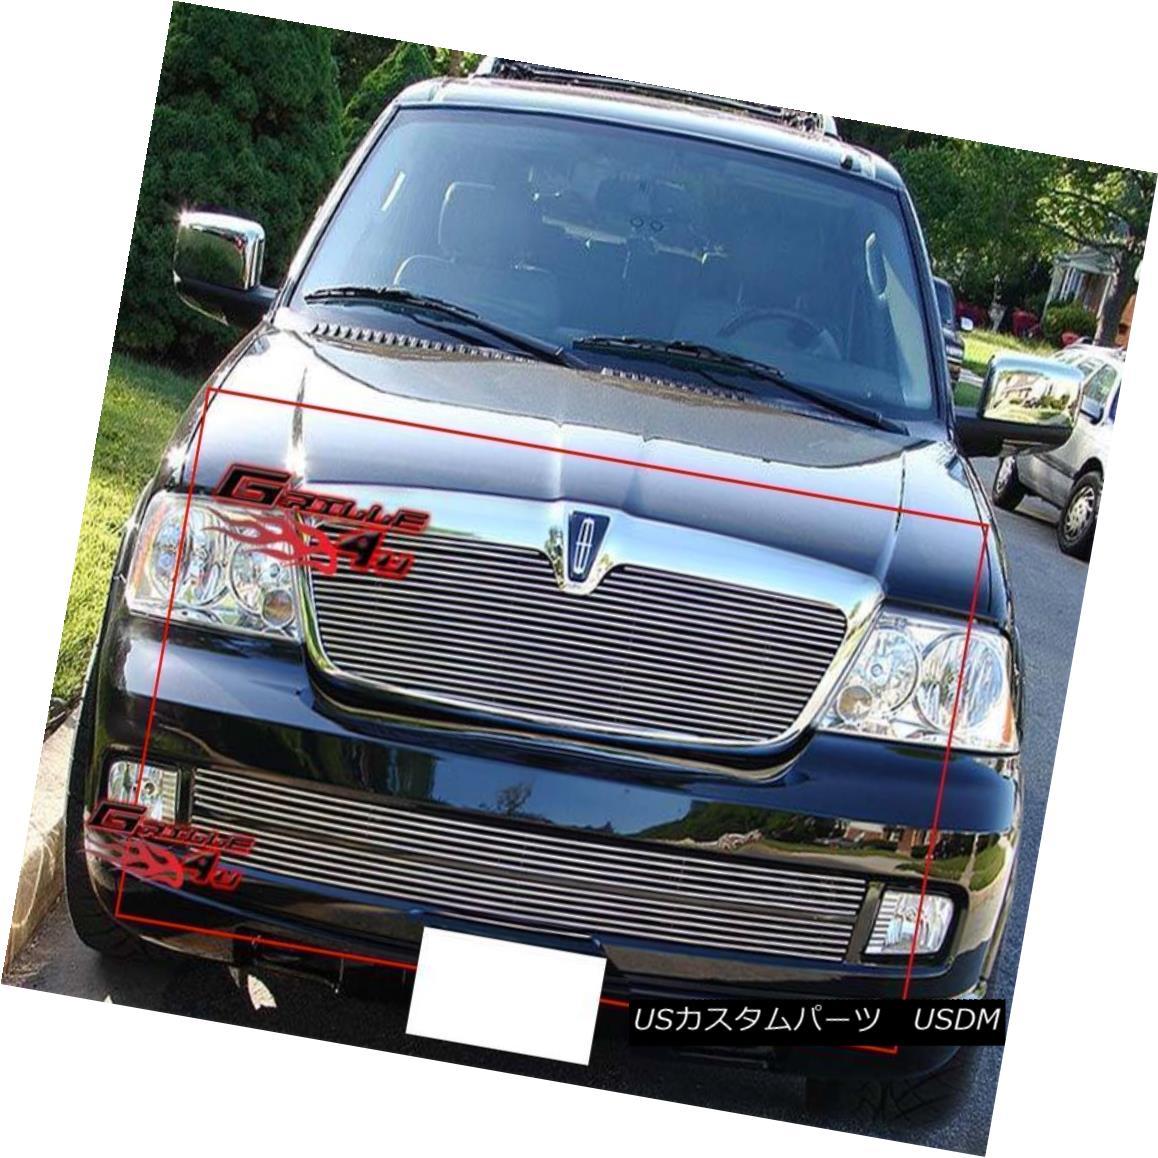 グリル For 05-06 Lincoln Navigator Billet Grille Combo Insert 05-06リンカーンナビゲータービレットグリルコンボインサート